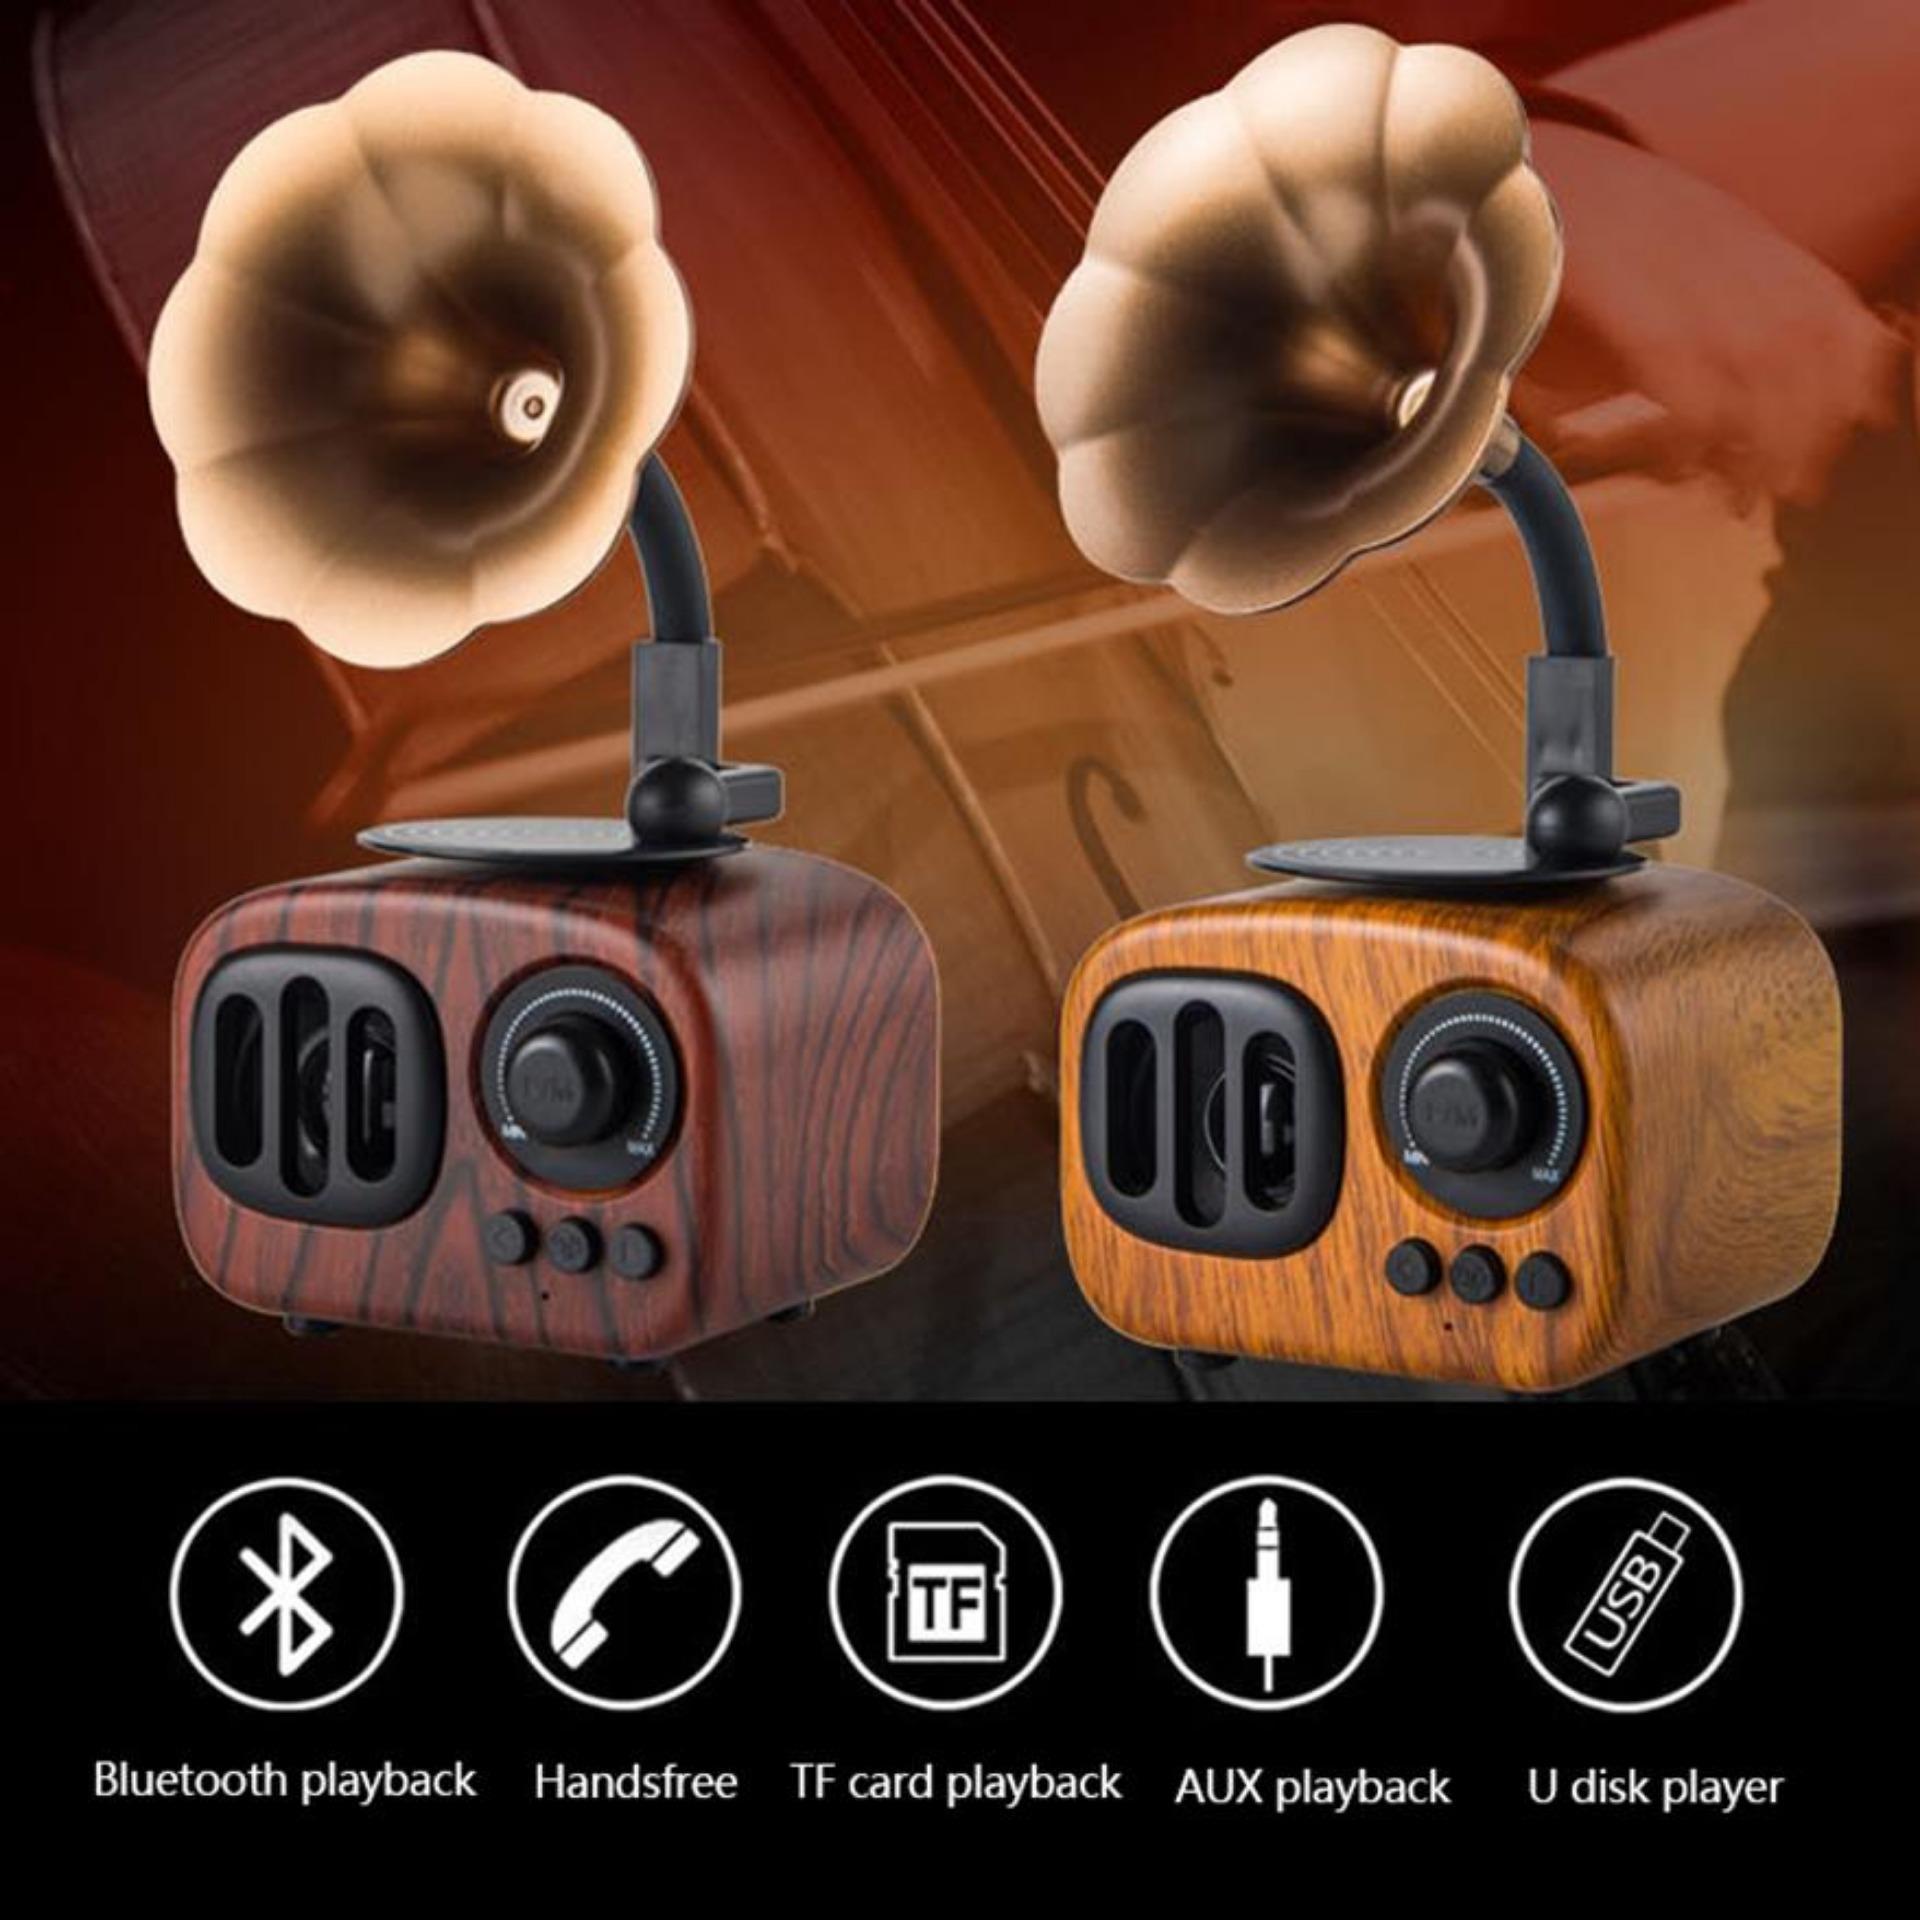 Loa Vi Tinh Nho Gon, Bo Loa Vi Tinh 5.1, Loa Cổ Điển AS90 Kết Nối Bluetooth 3.0 Lên Đến 10m, Đường Truyền Ổn Định, Chế Độ Rảnh Tay Nghe Điện Thoại